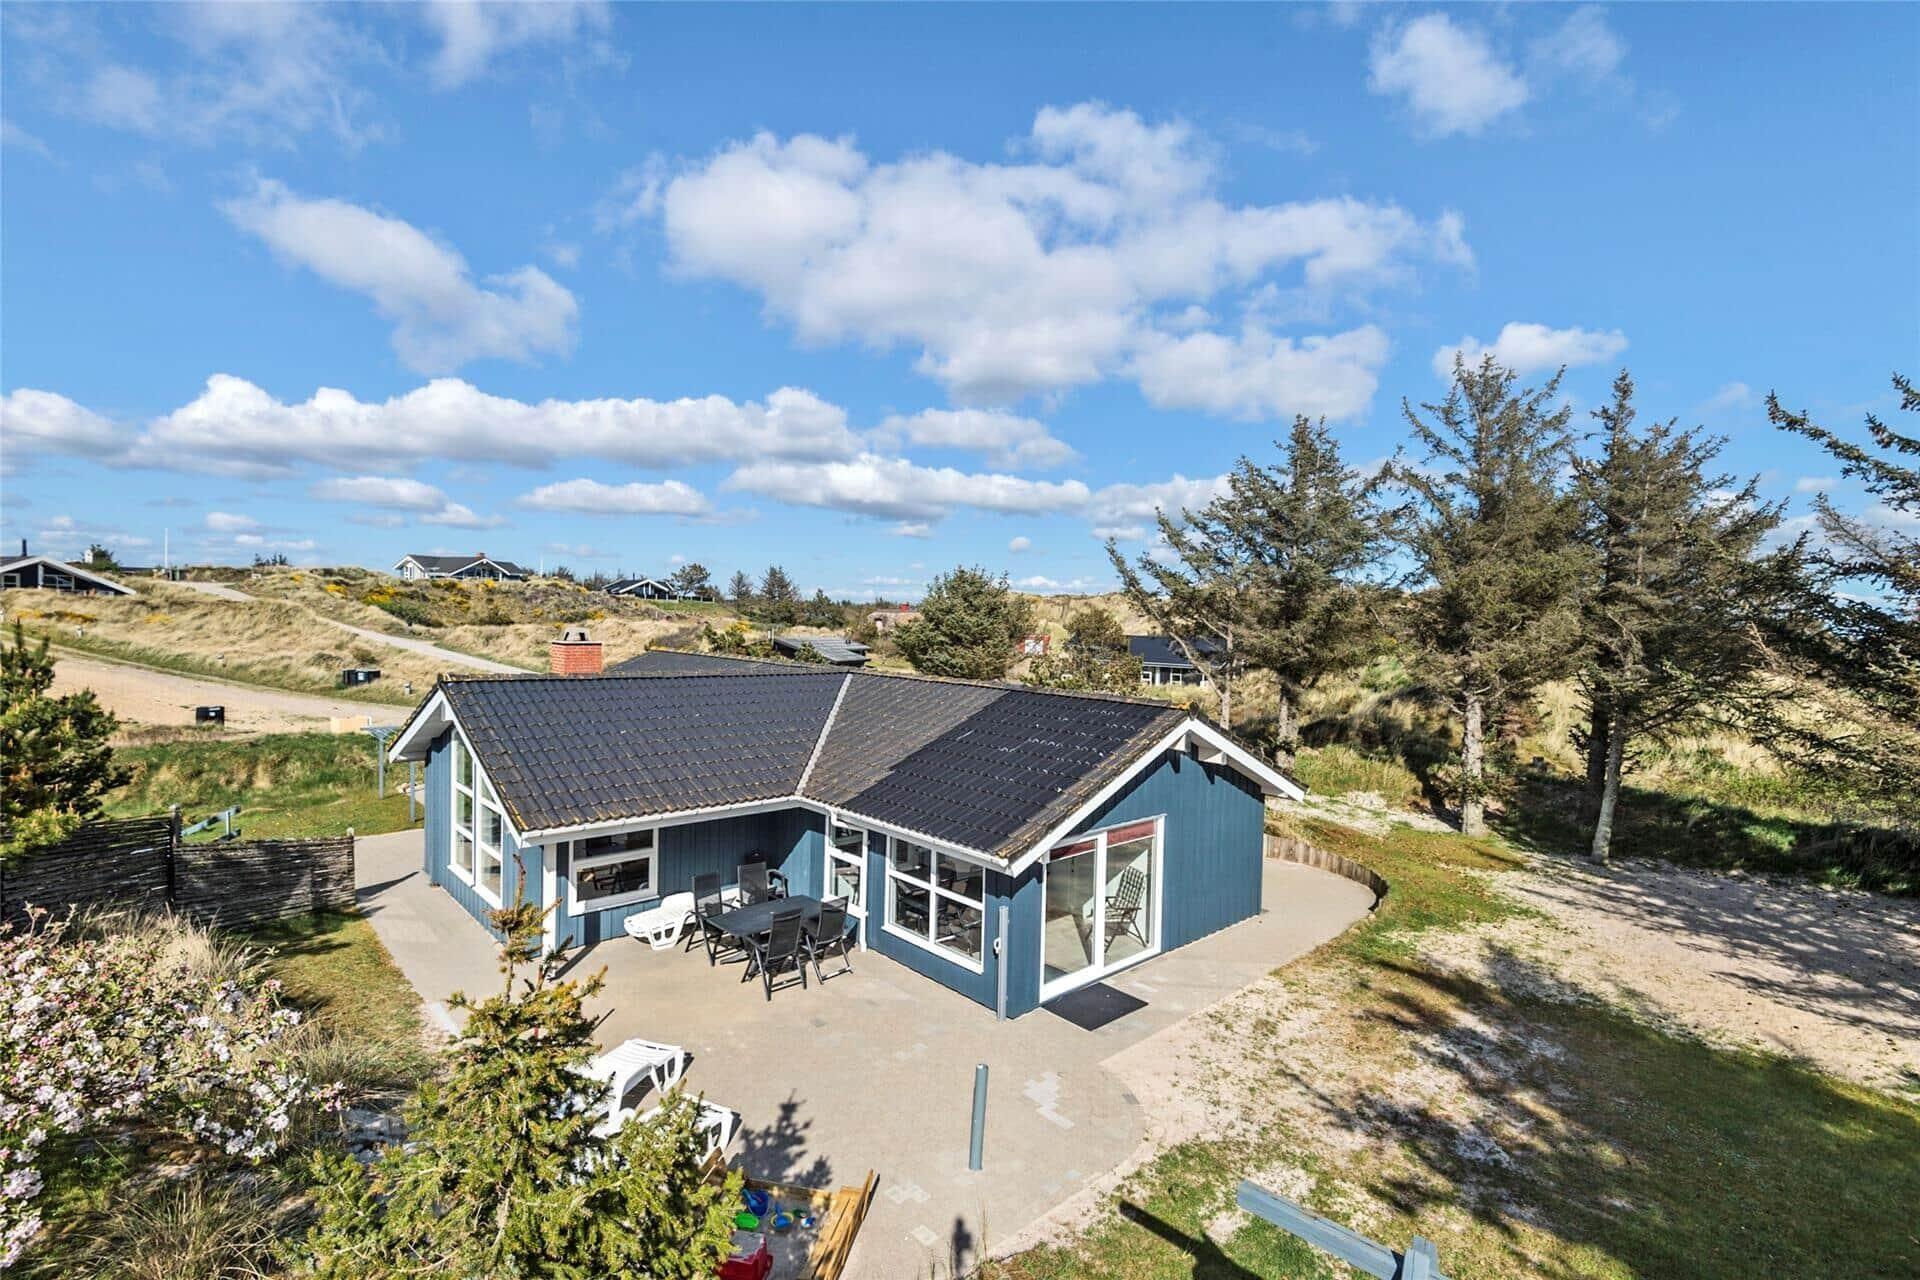 Billede 1-125 Sommerhus 2182, Ørnevej 11, DK - 6854 Henne